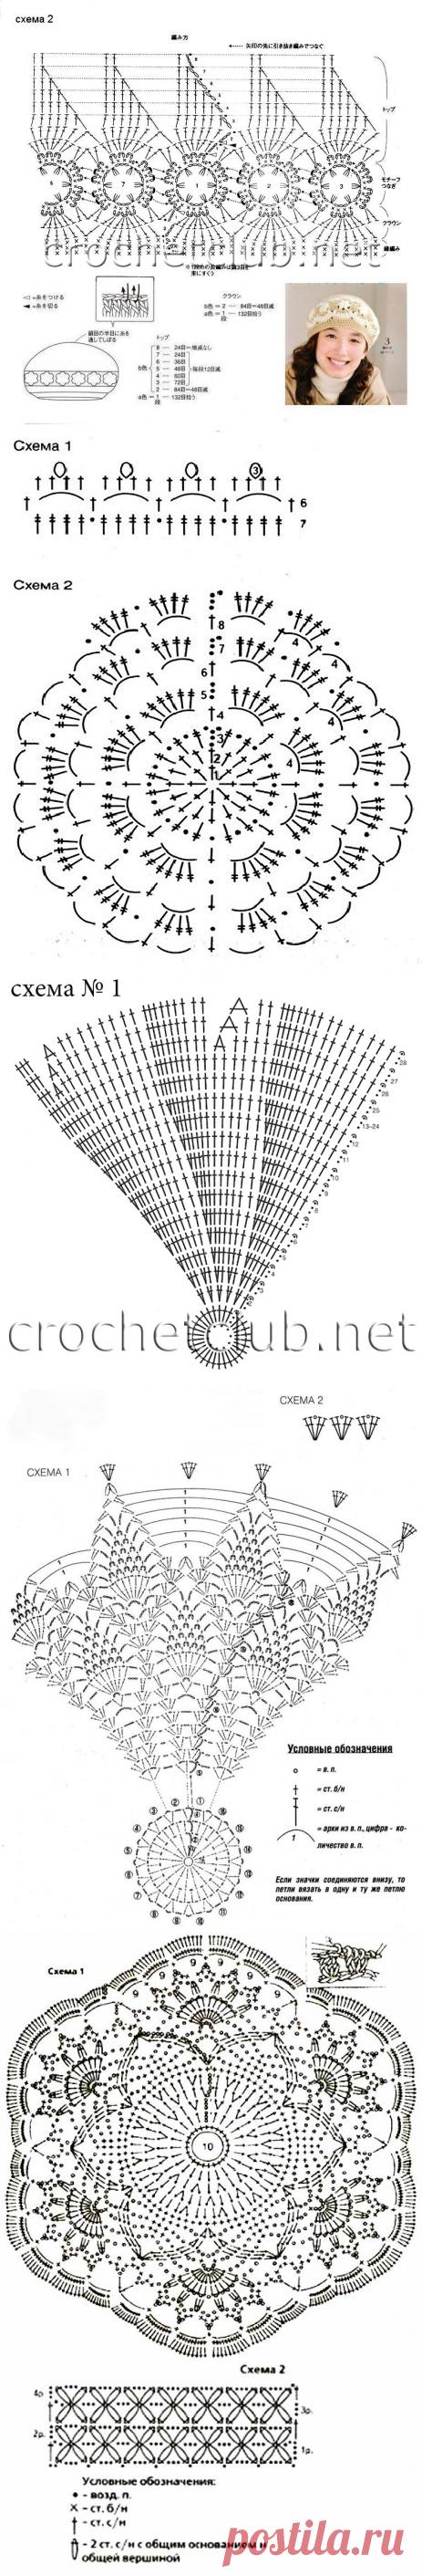 картинки вязание крючком береты вязание на спицах уроки вязания